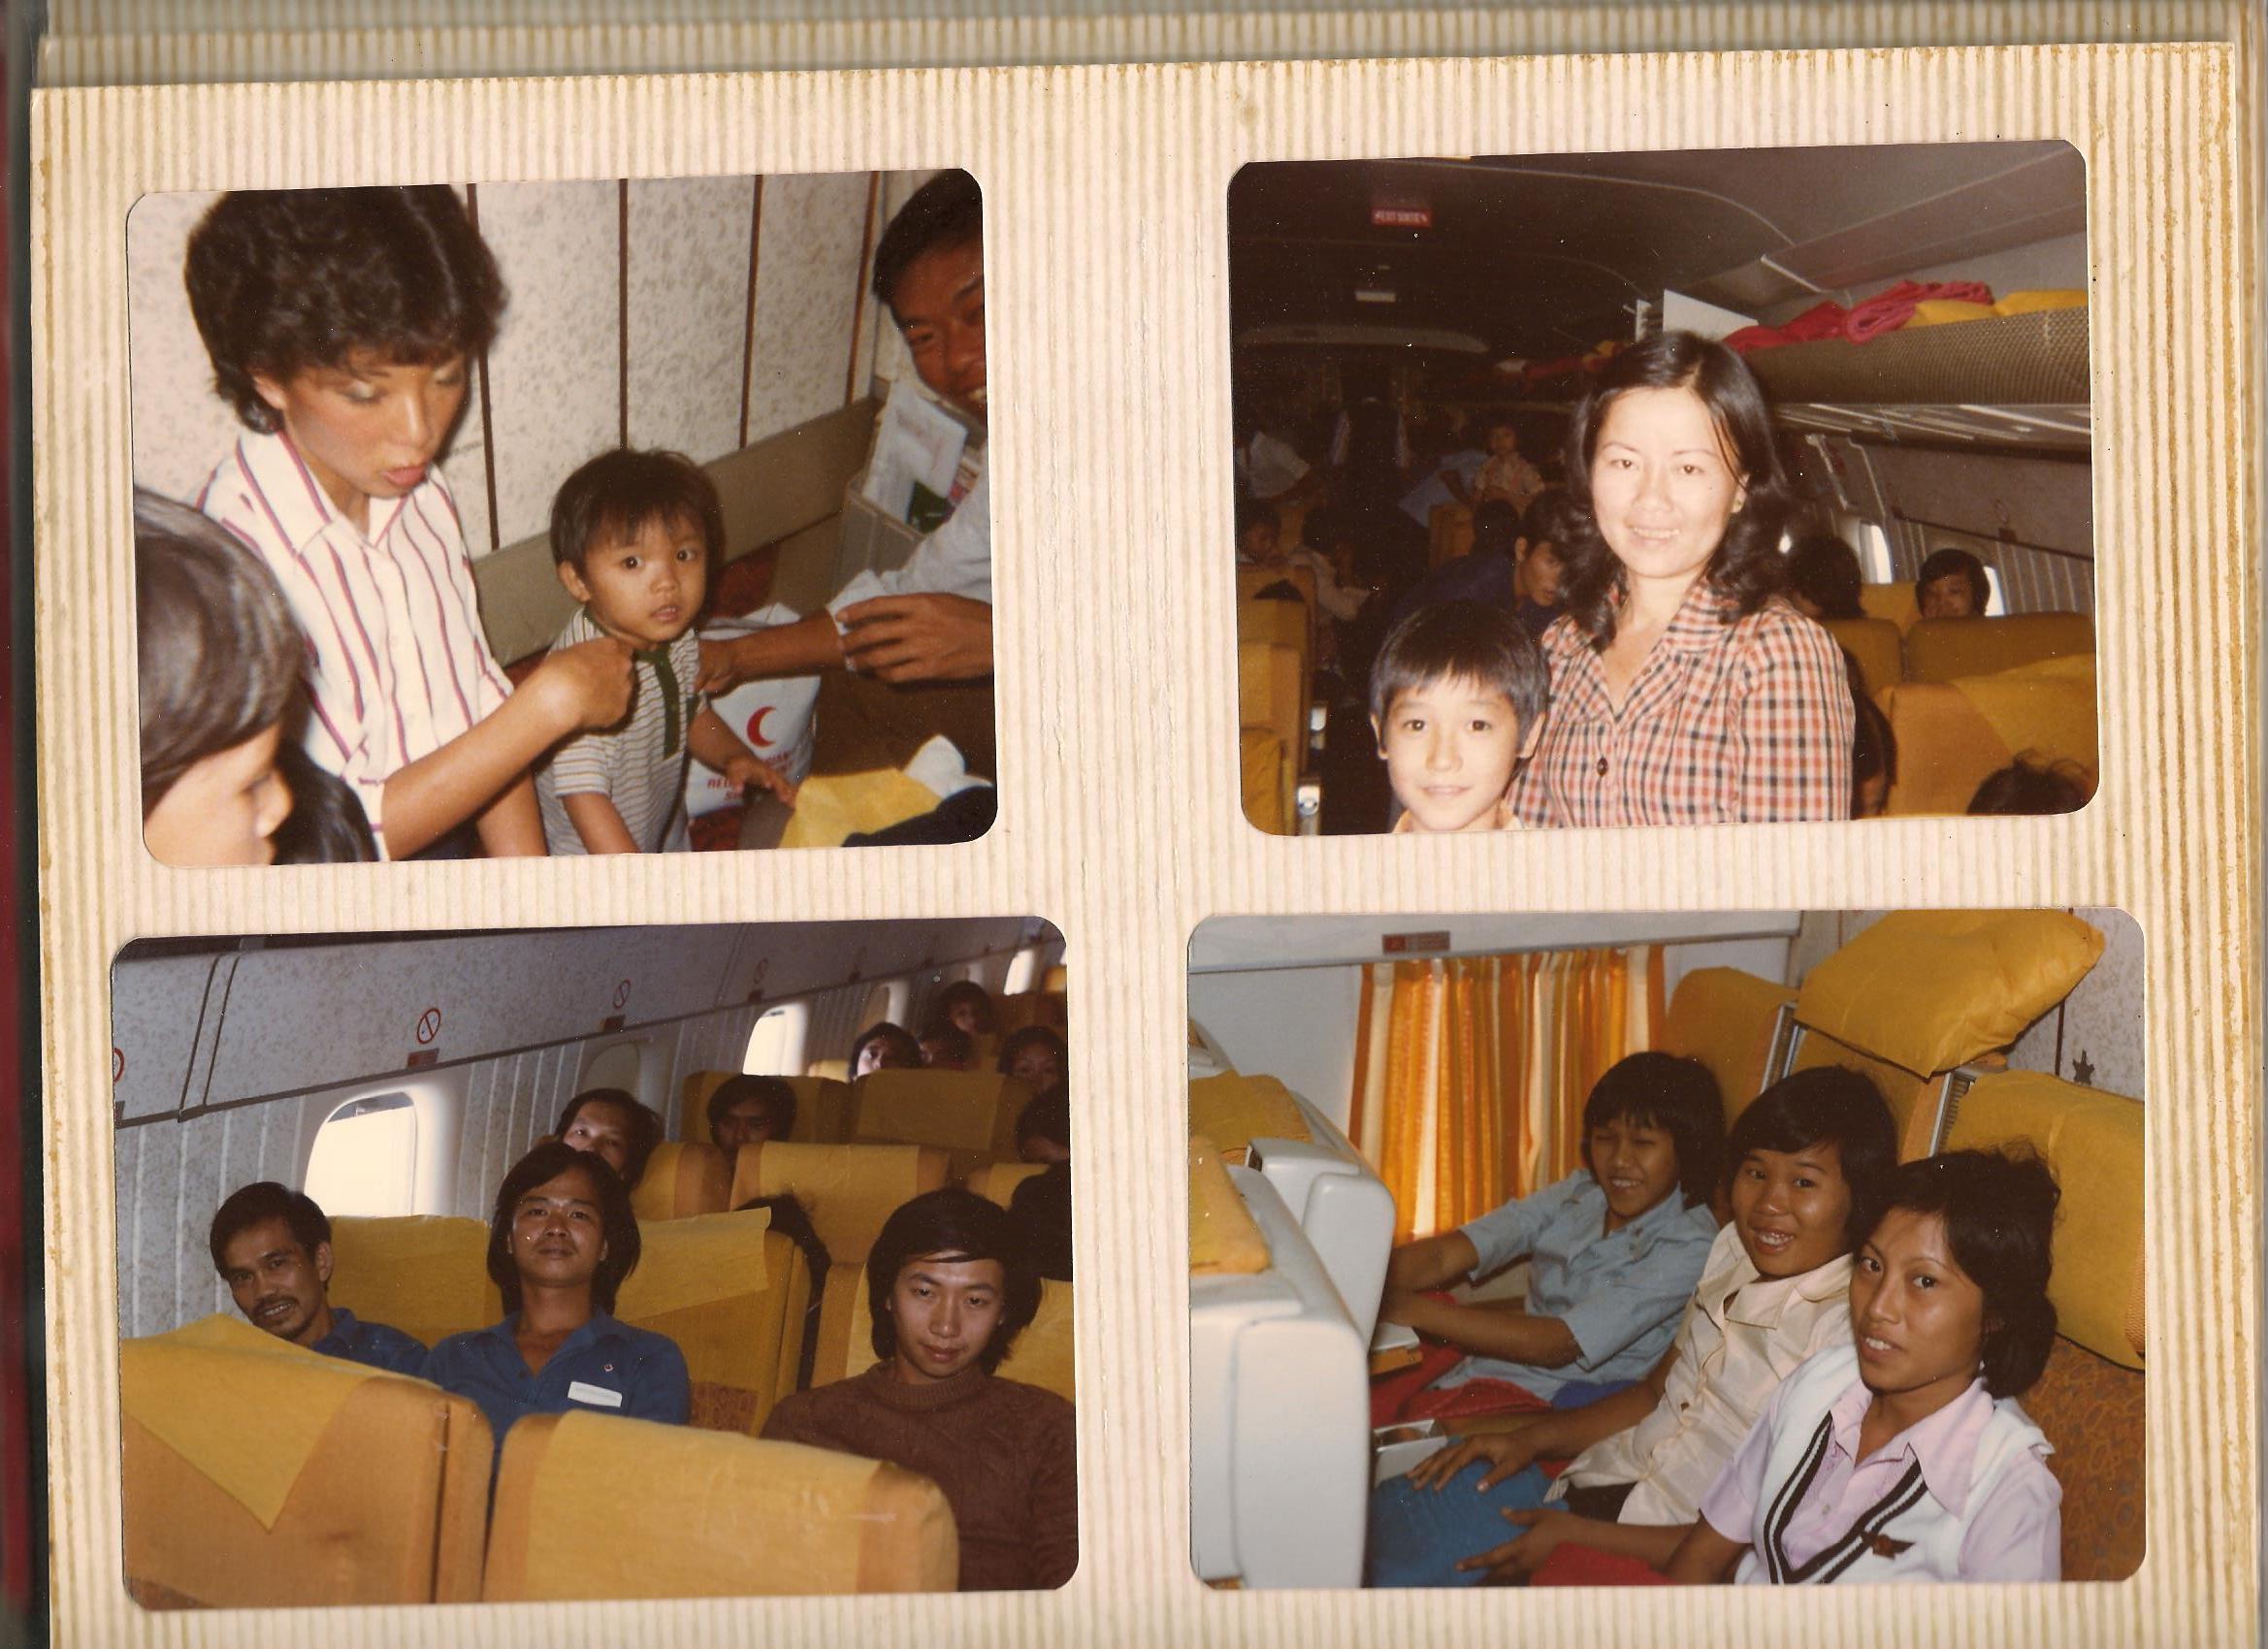 1979_Air Canada_Kuala Lumpur_Familes2.jpg